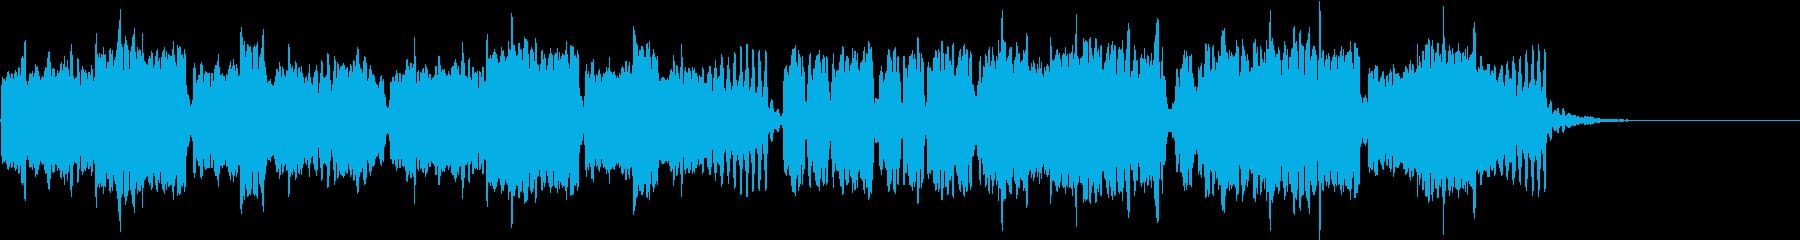 オーラ・リー ほのぼのリコーダーの再生済みの波形